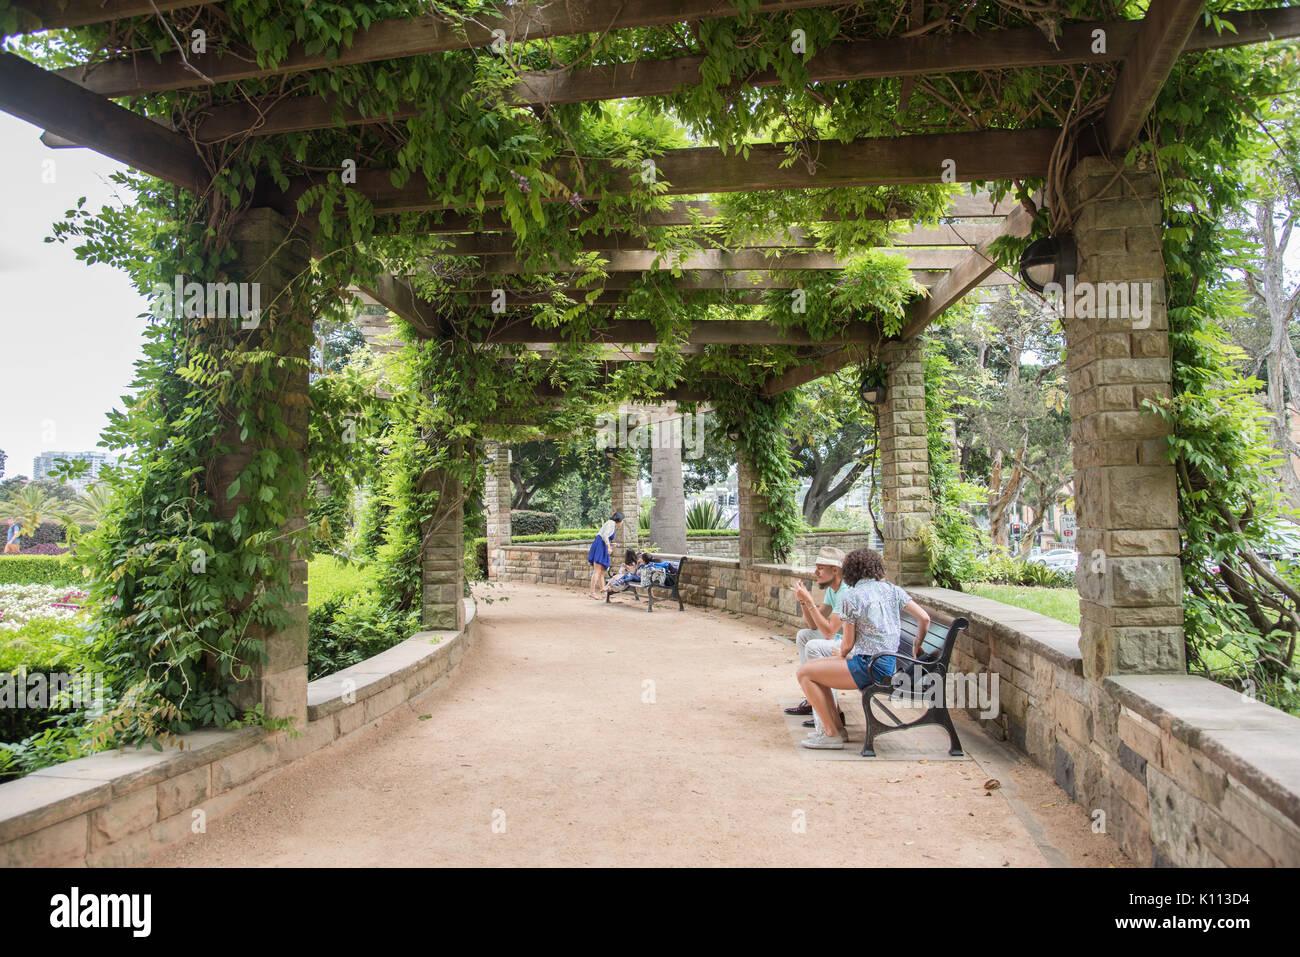 SYDNEY,NSW,AUSTRALIA-NOVEMBER 19,2016: People enjoying a break under vine covered pergola's at Sandringham Gardens in Hyde Park in Sydney, Australia - Stock Image